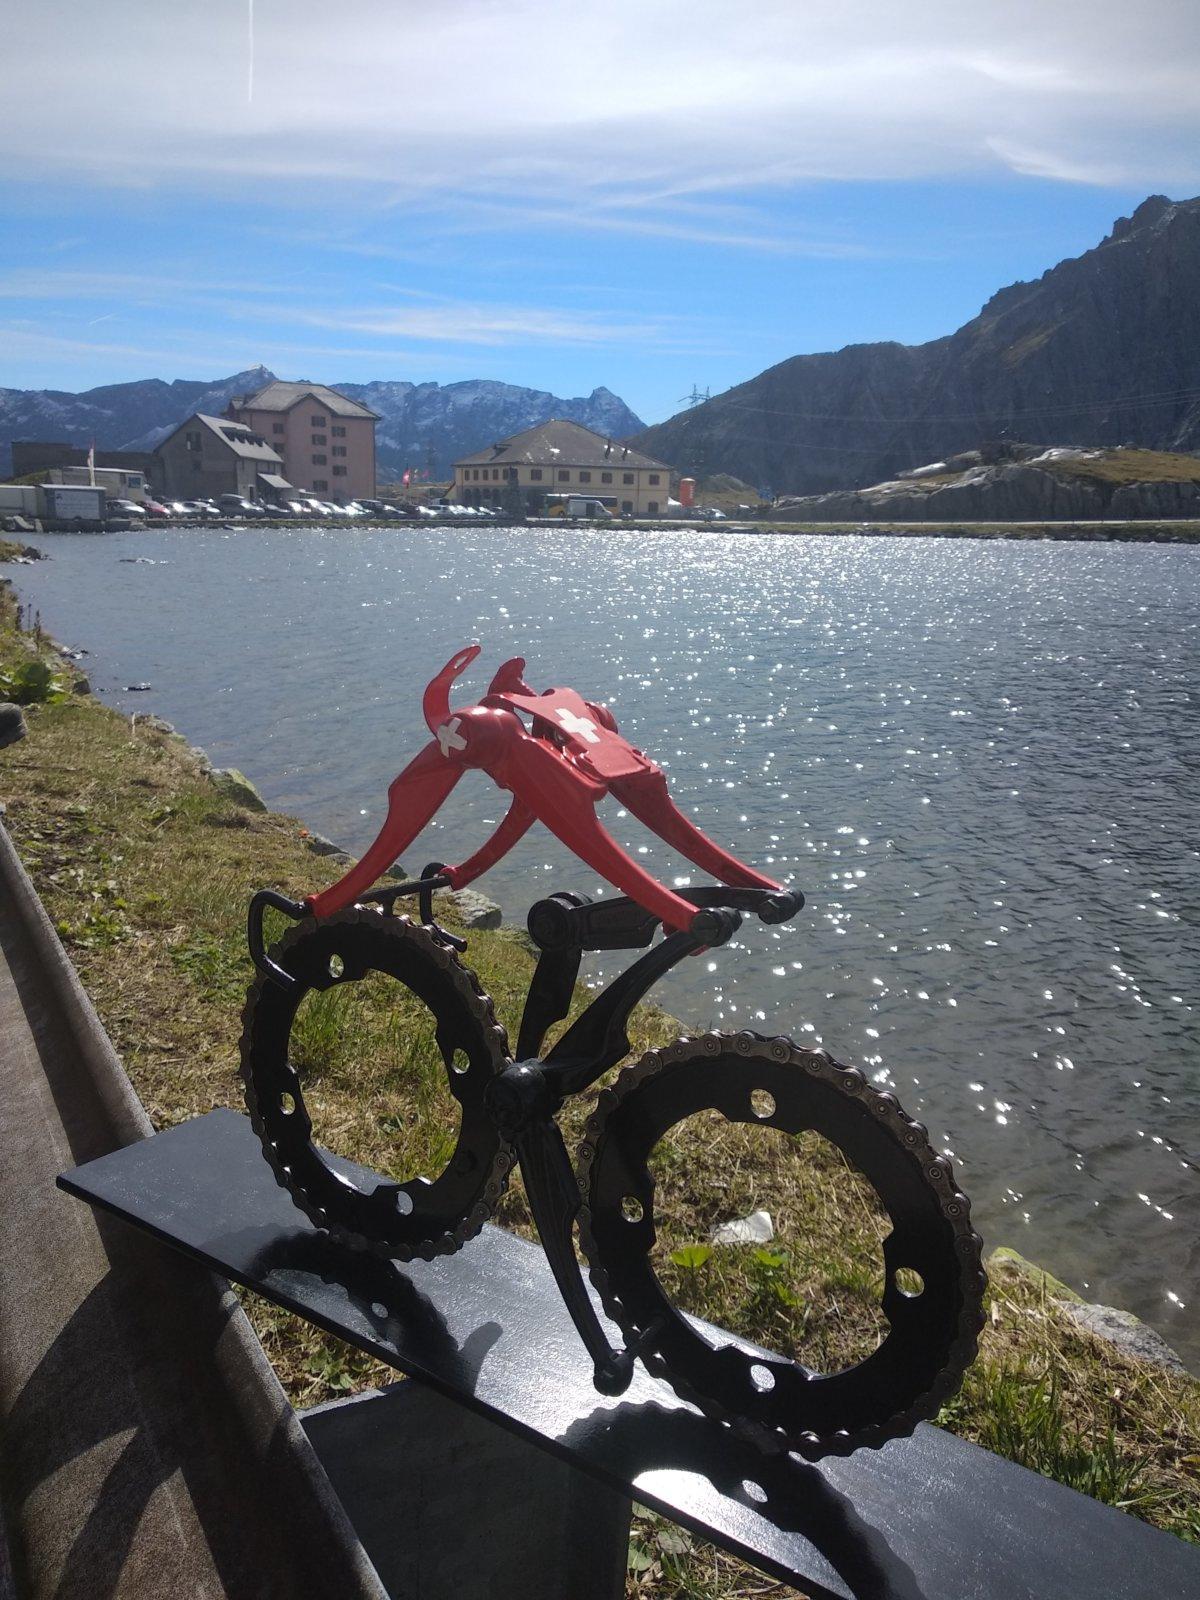 Swiss Champion Cyclist Gotthardpass Switzerland By Decreatievelink NL